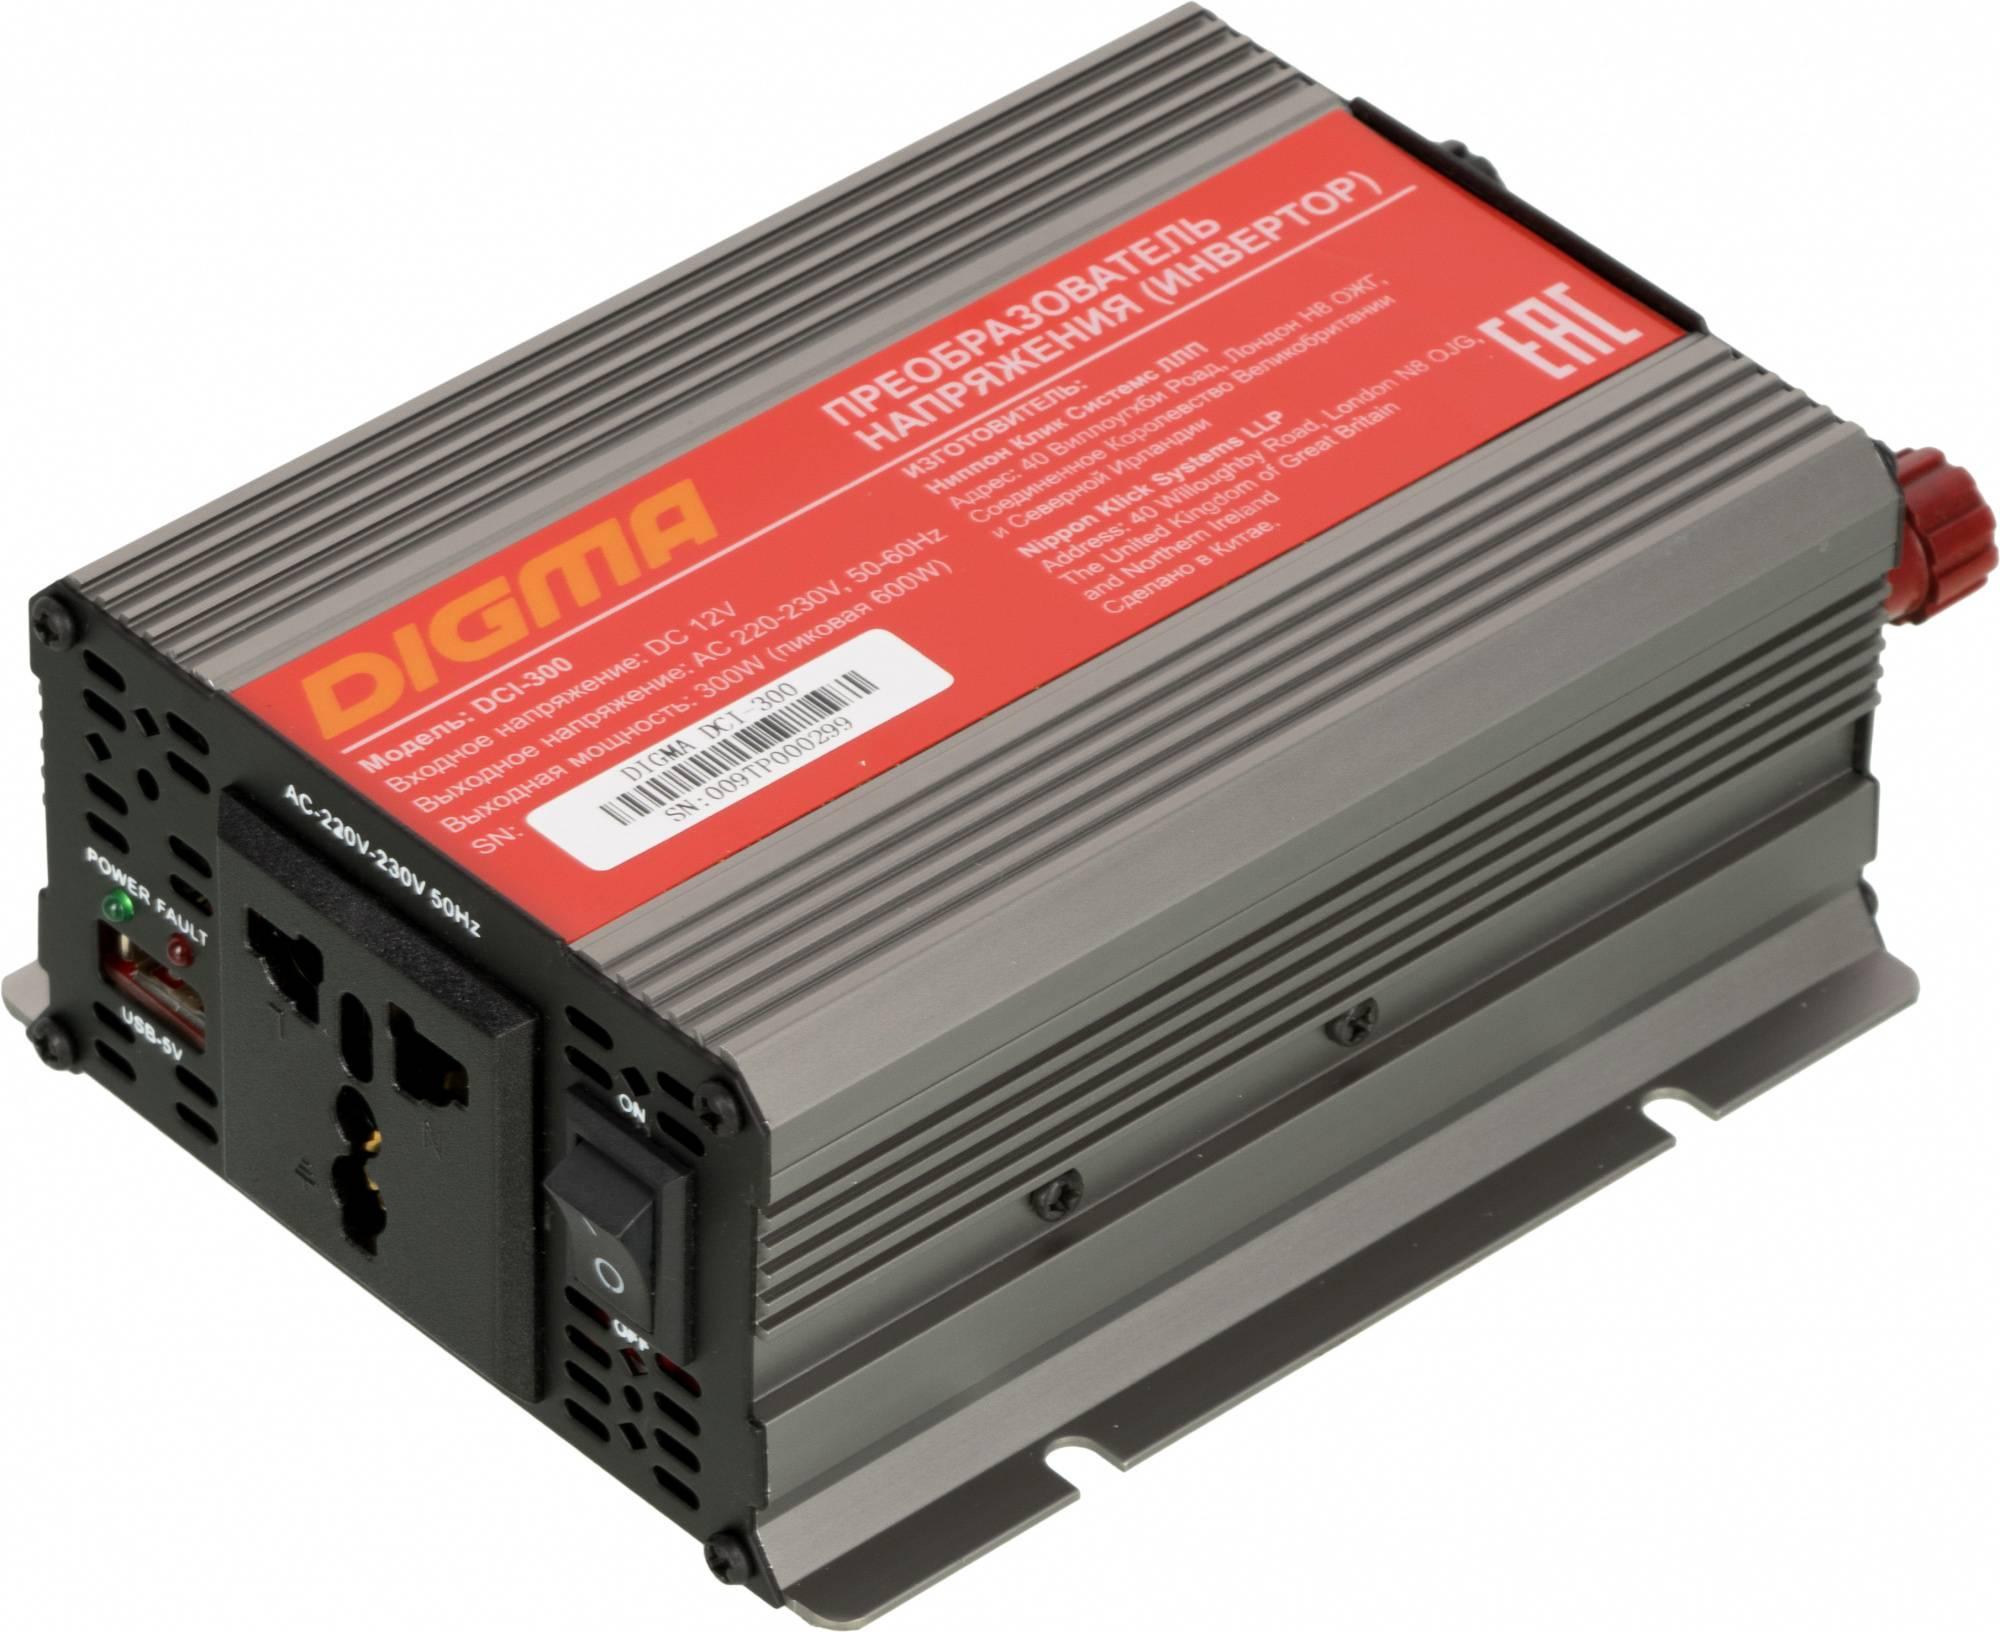 Преобразователь напряжения Digma DCI-300 - фото 1